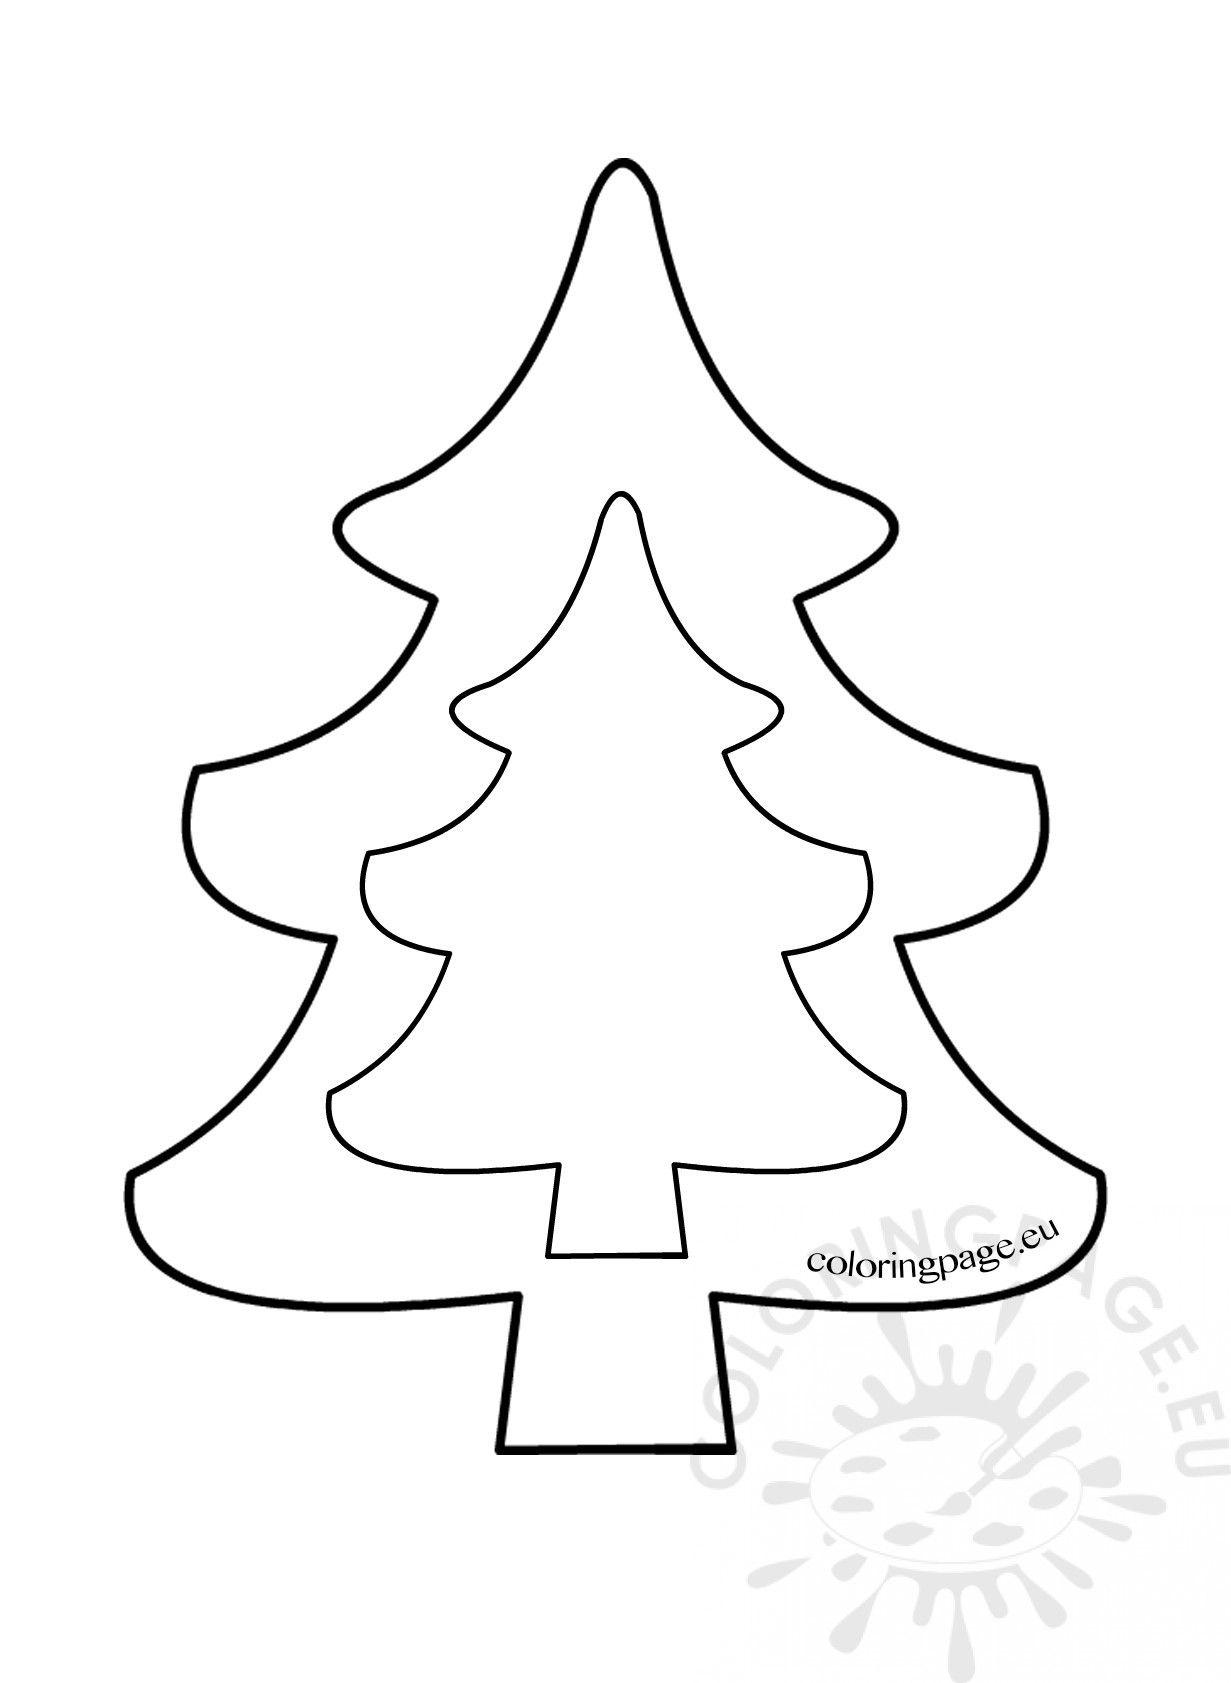 weihnachtsbaum fenster zum ausdrucken christmas tree. Black Bedroom Furniture Sets. Home Design Ideas